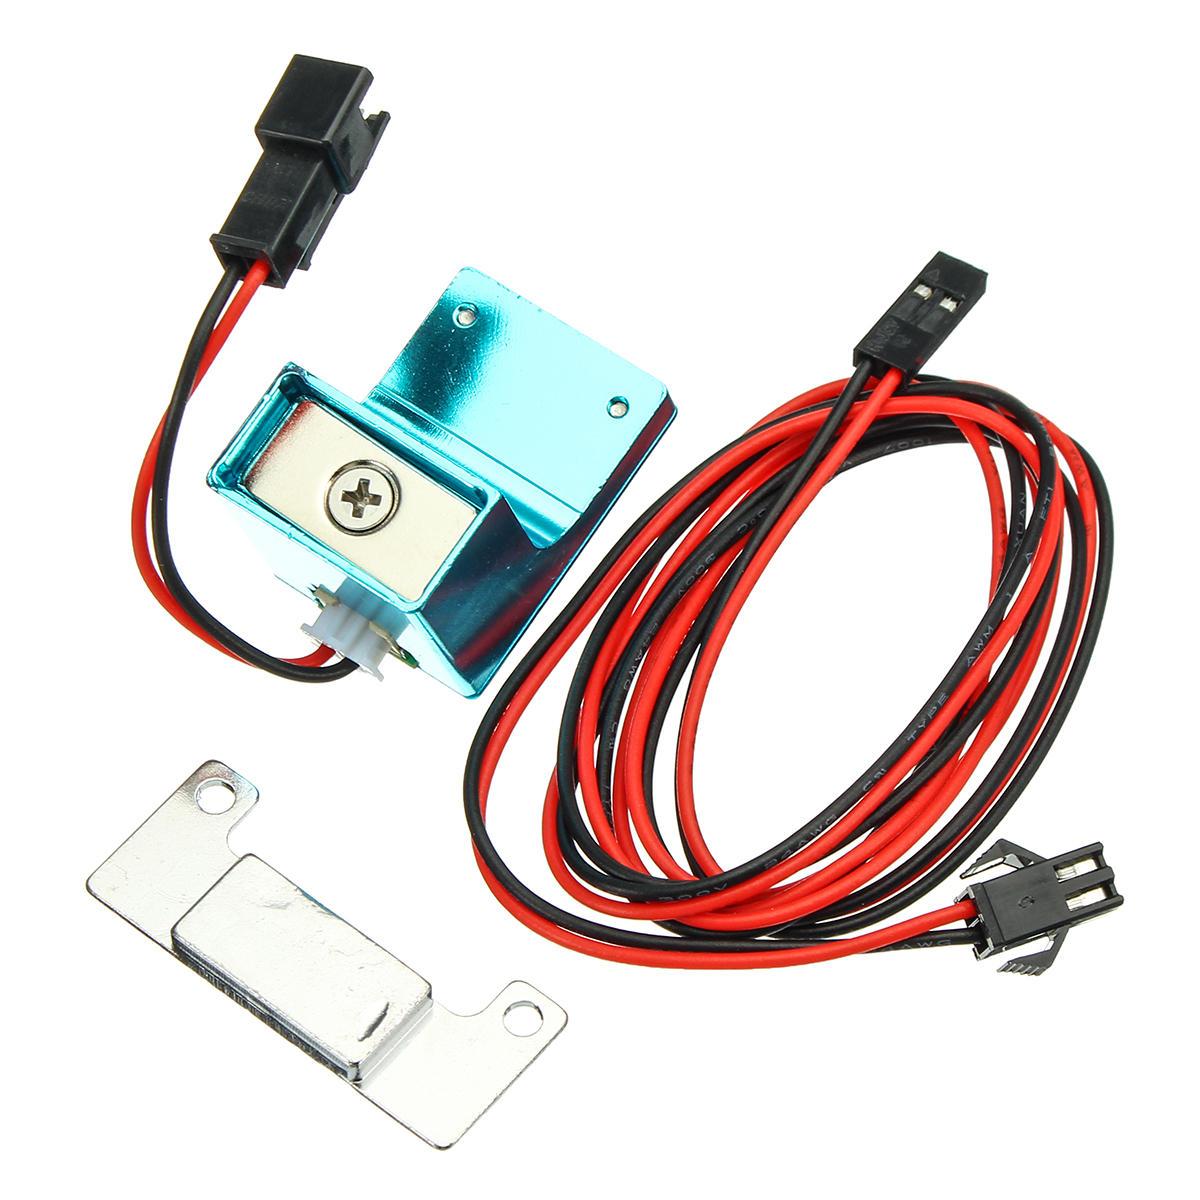 Anycubic® Auto Leveling Sensor Posición de la cama con calefacción Sensor Para la impresora 3D de la serie Kossel